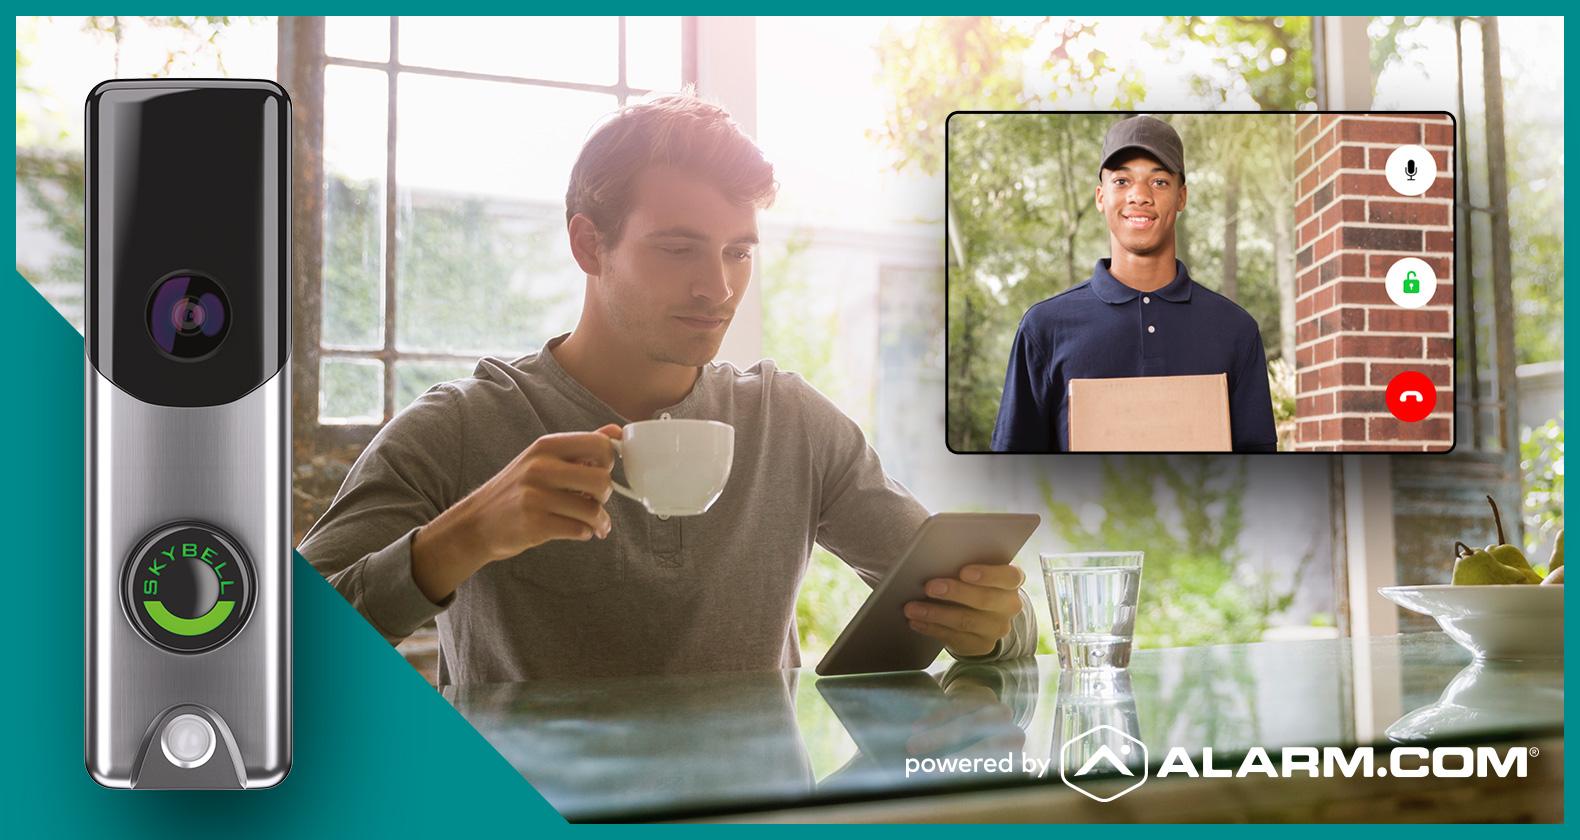 Outdoor Home Security Doorbell Camera.jpg